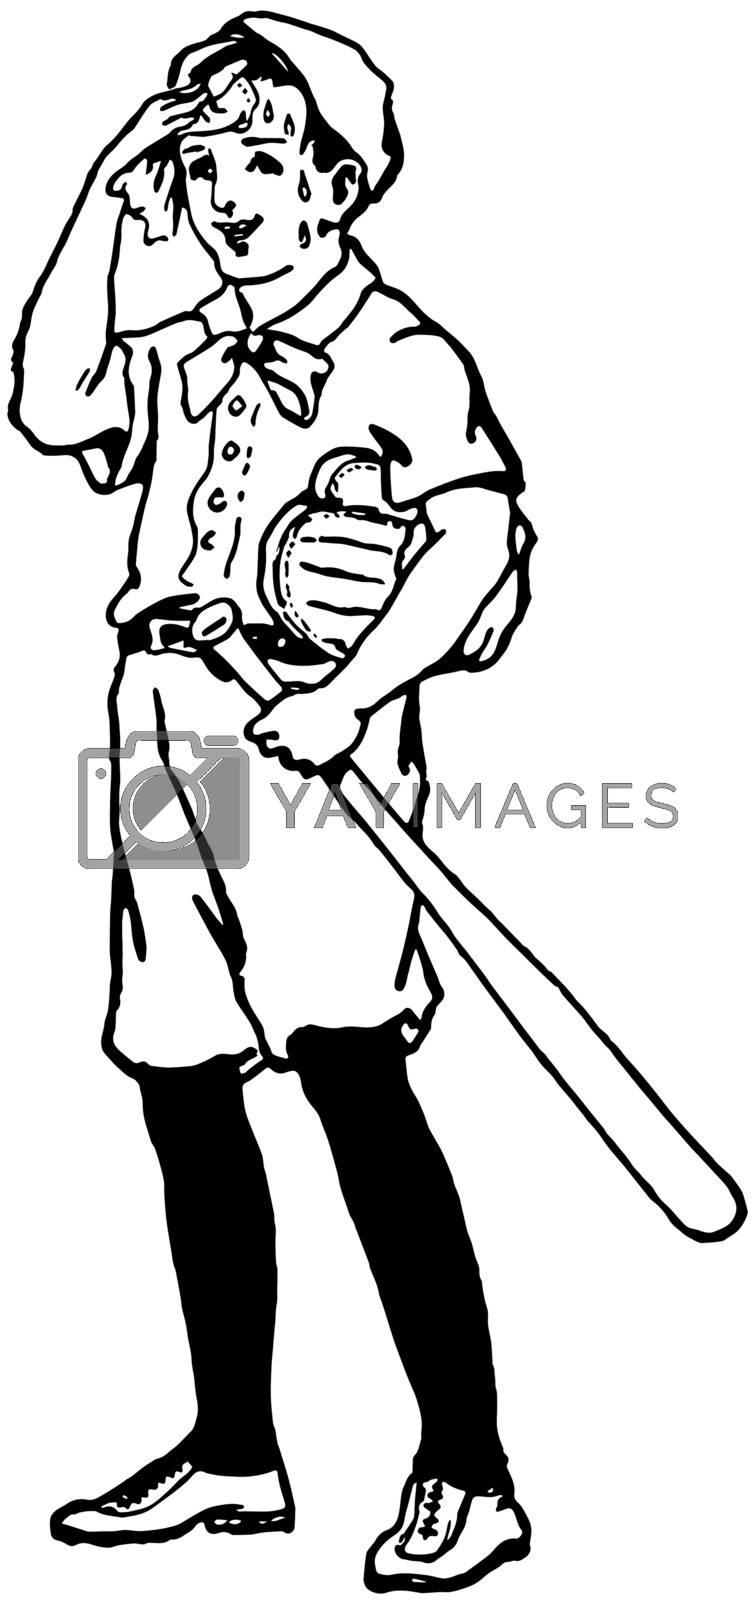 Batter vintage illustration.  by Morphart